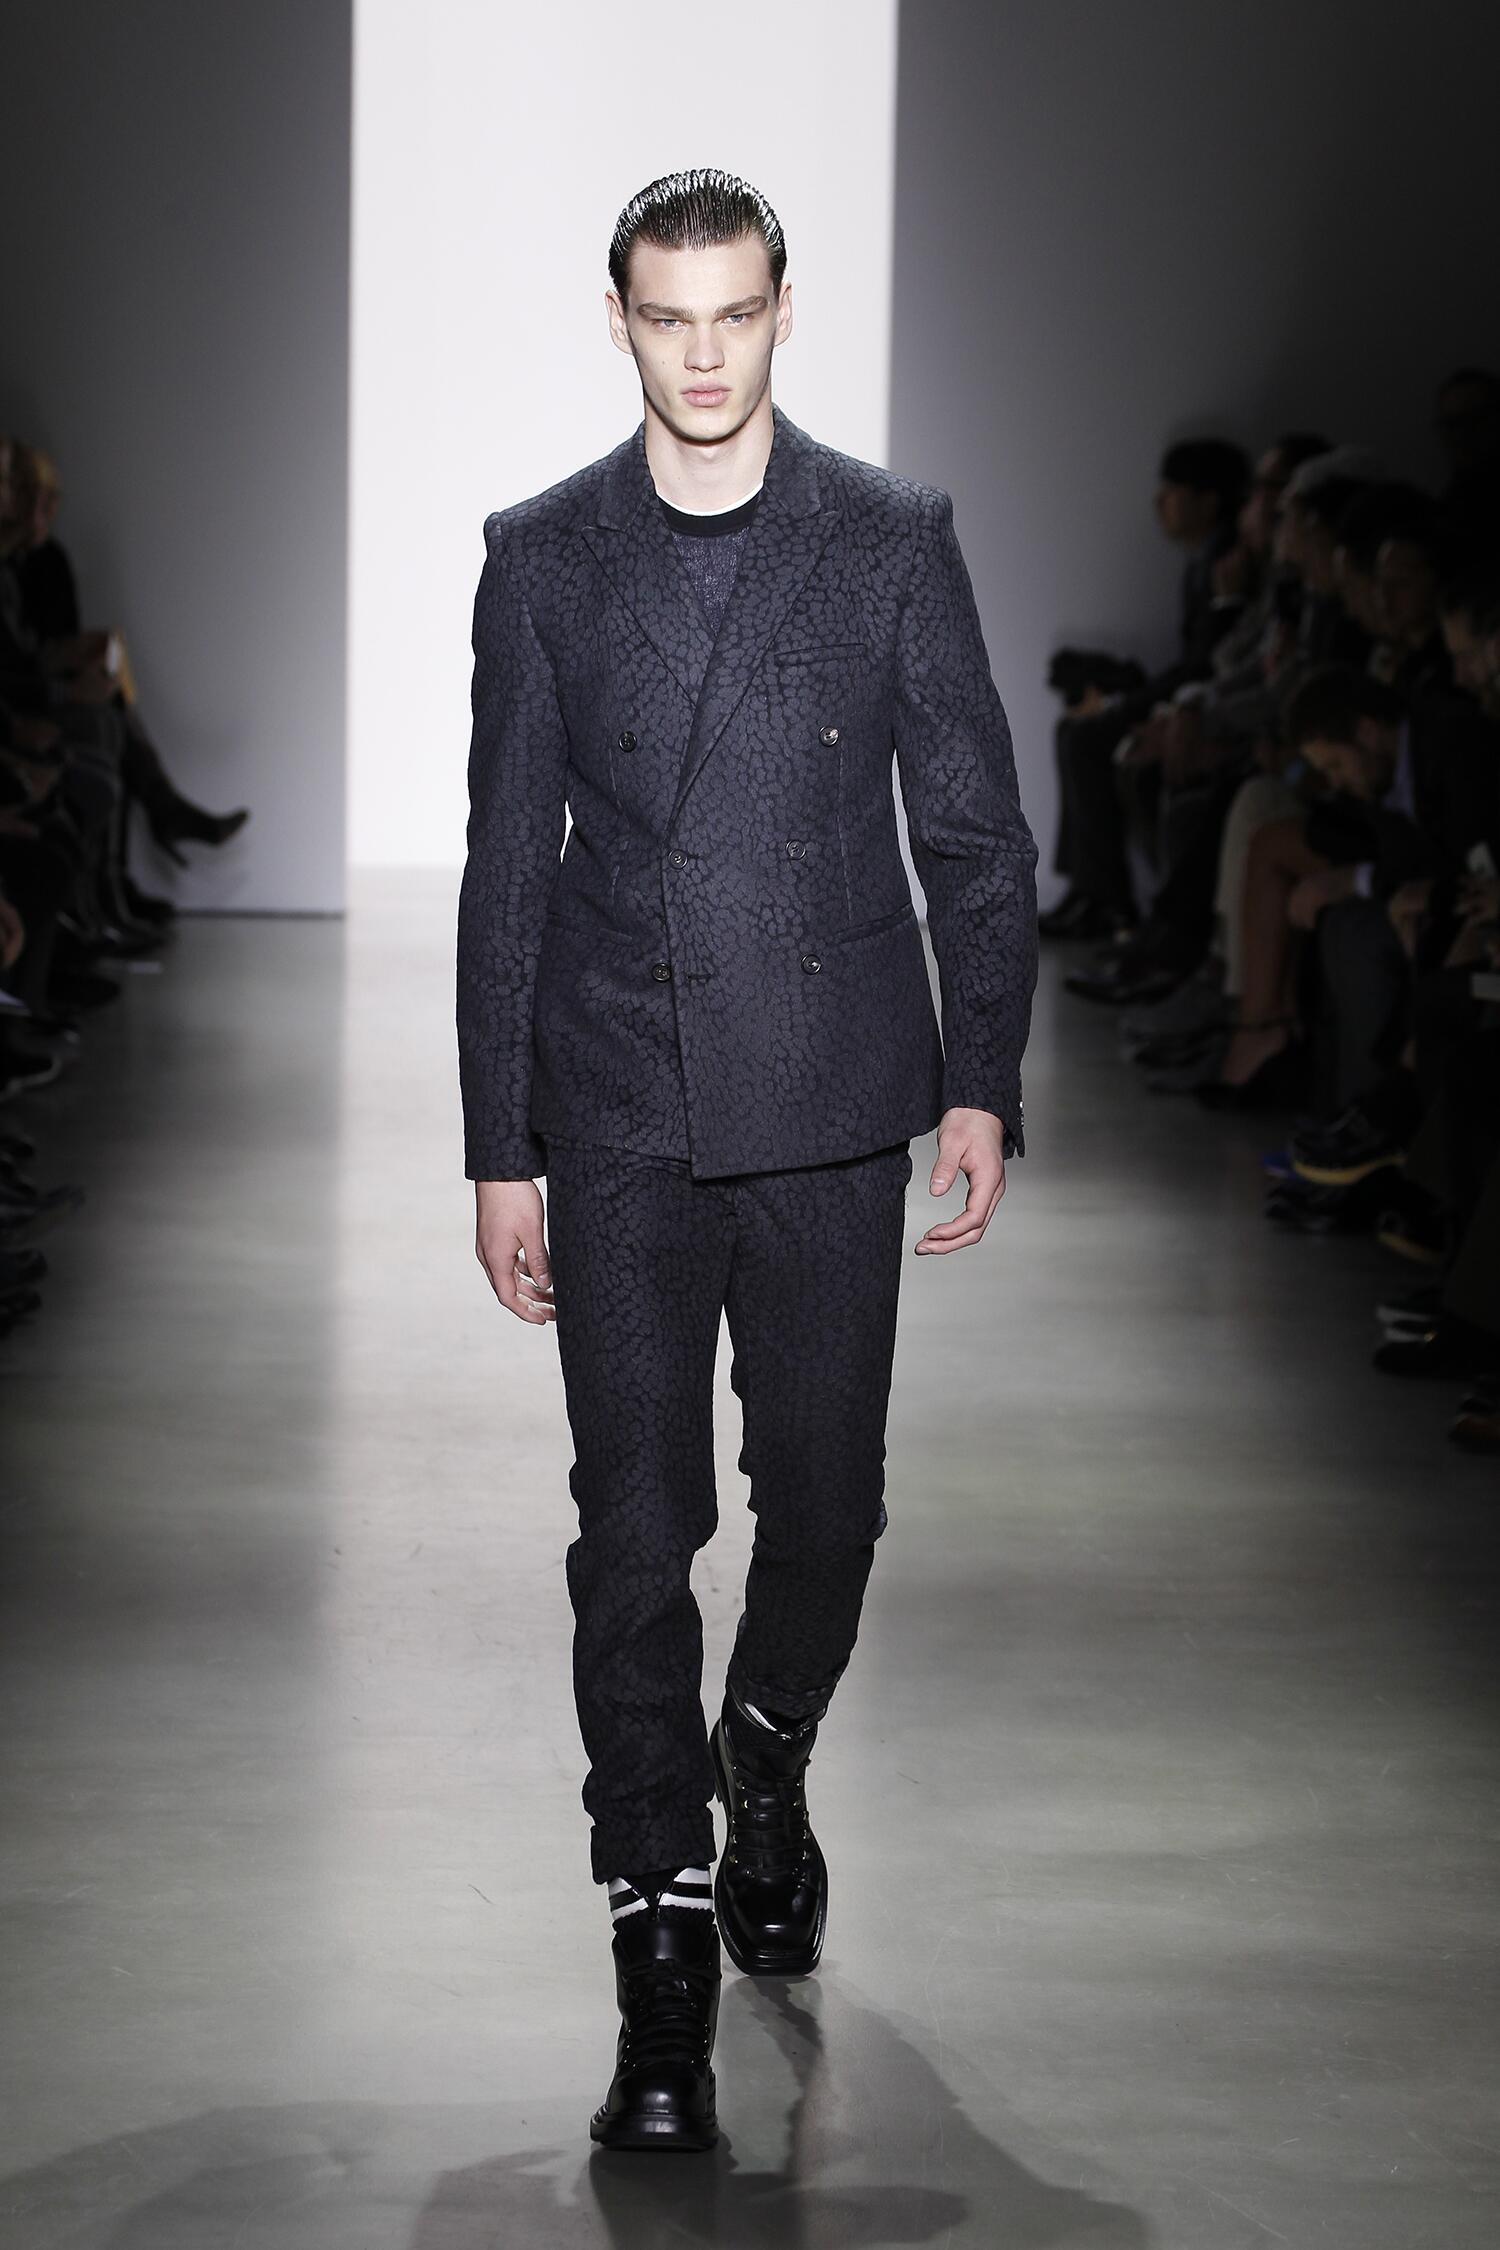 Fall Fashion Man Calvin Klein Collection